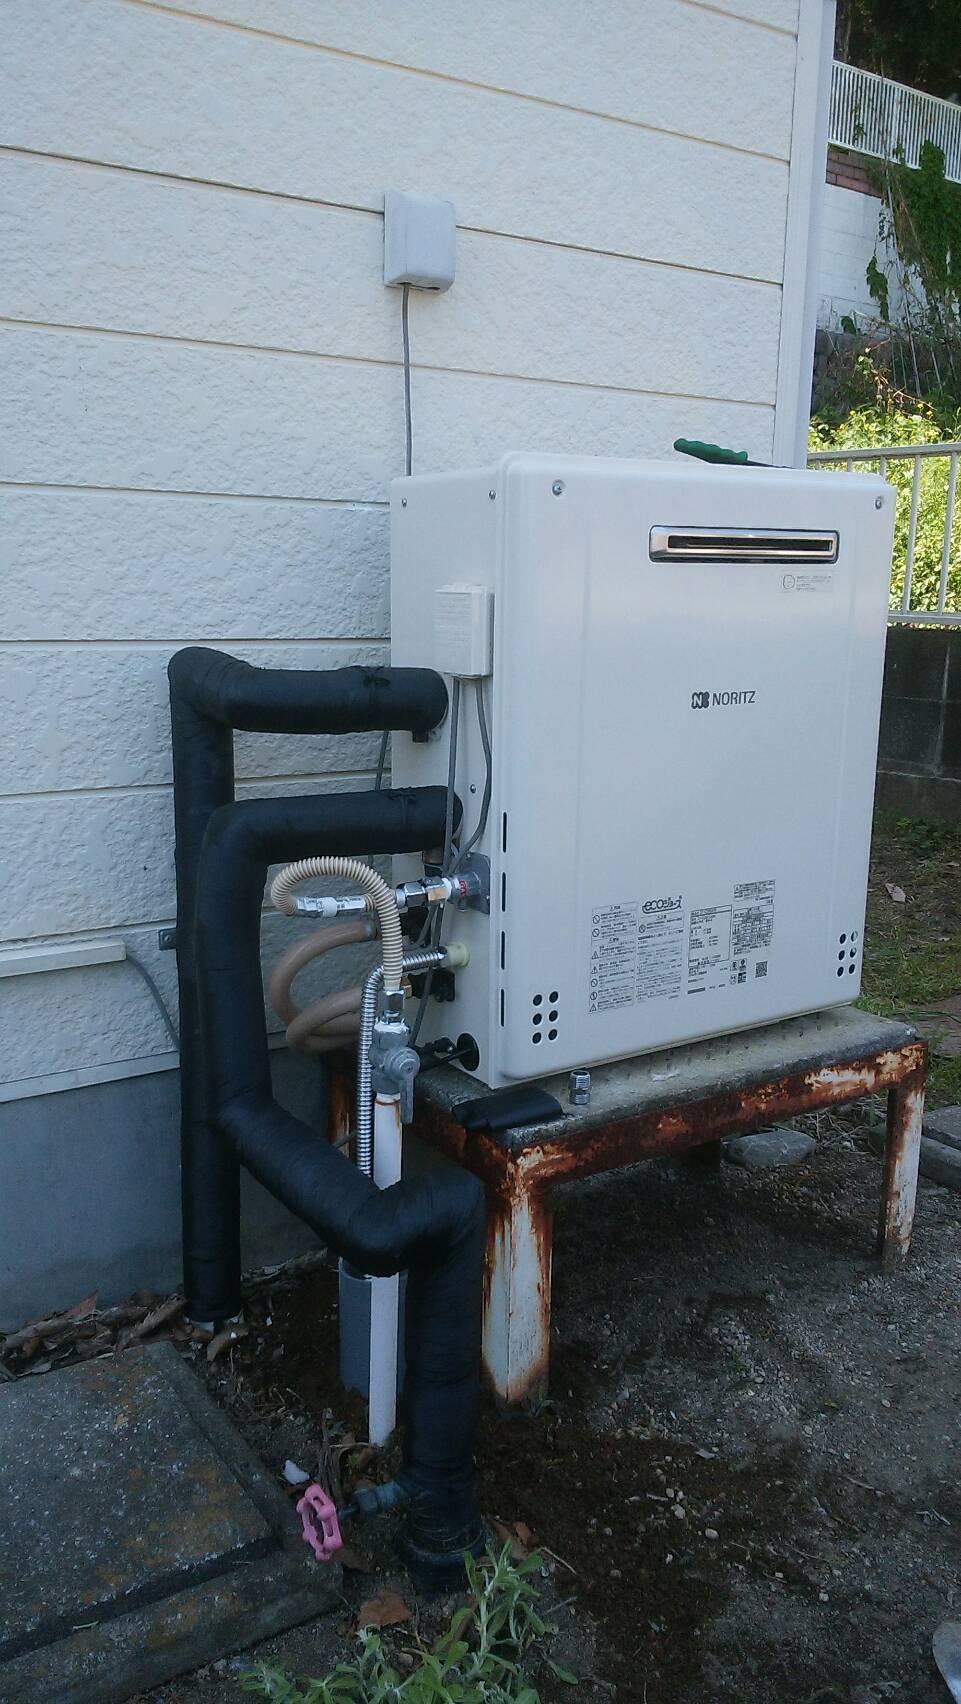 高崎市寺尾町 ガス給湯器交換工事が終わりました。